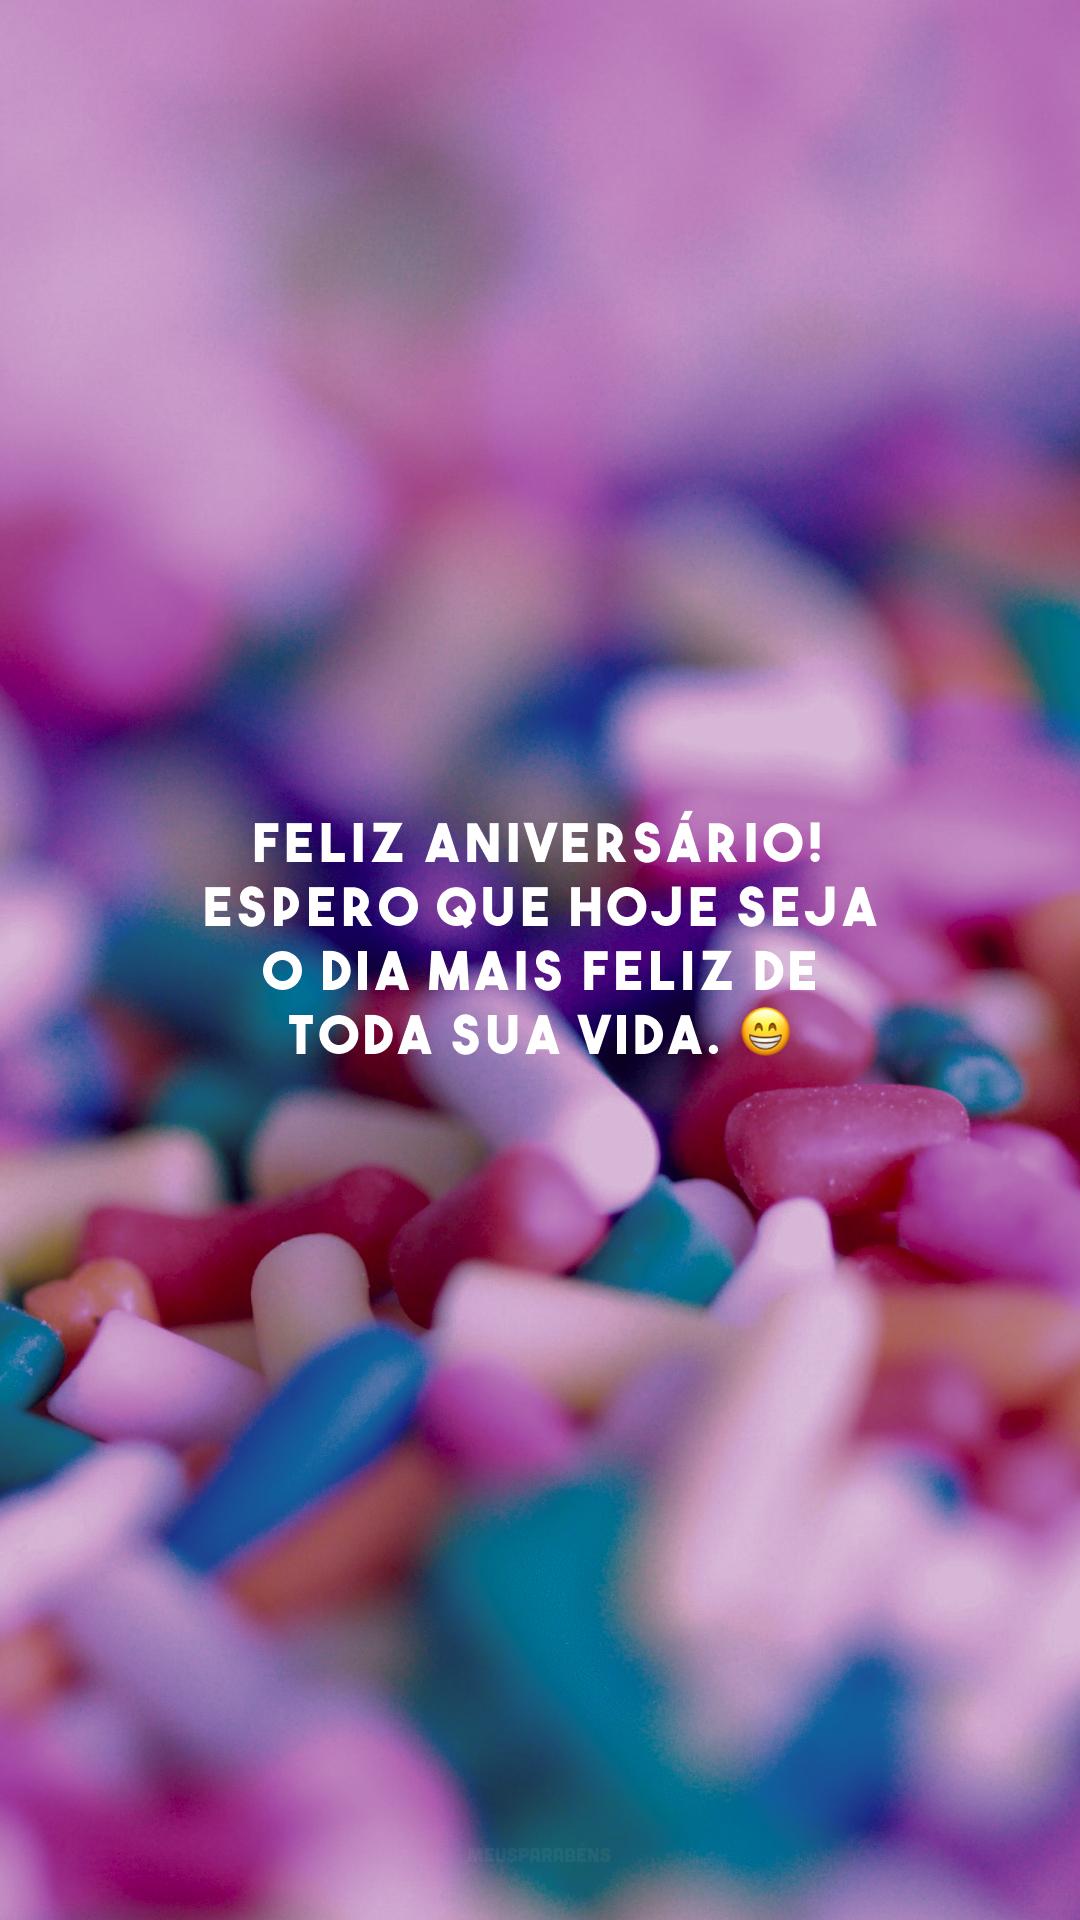 Feliz aniversário! Espero que hoje seja o dia mais feliz de toda sua vida. 😁